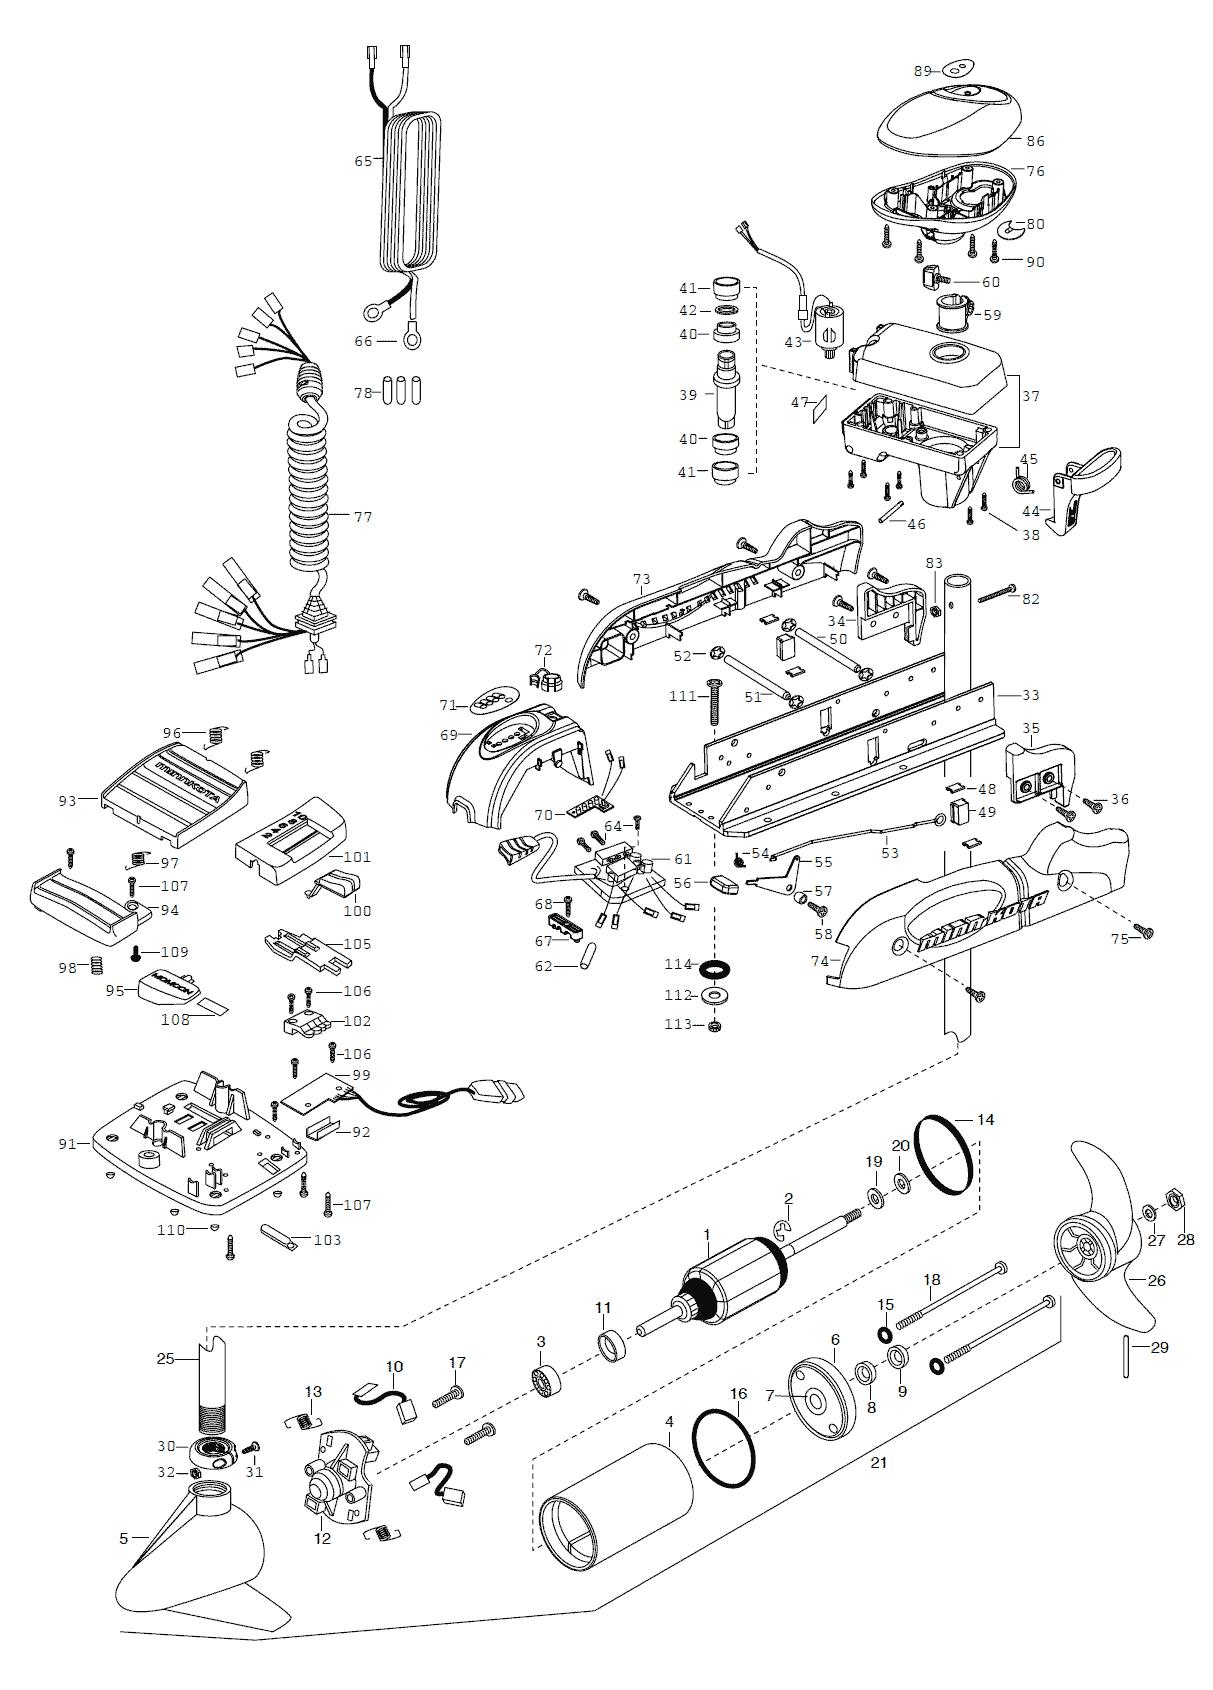 Minn Kota Powerdrive 64 Pontoon Parts